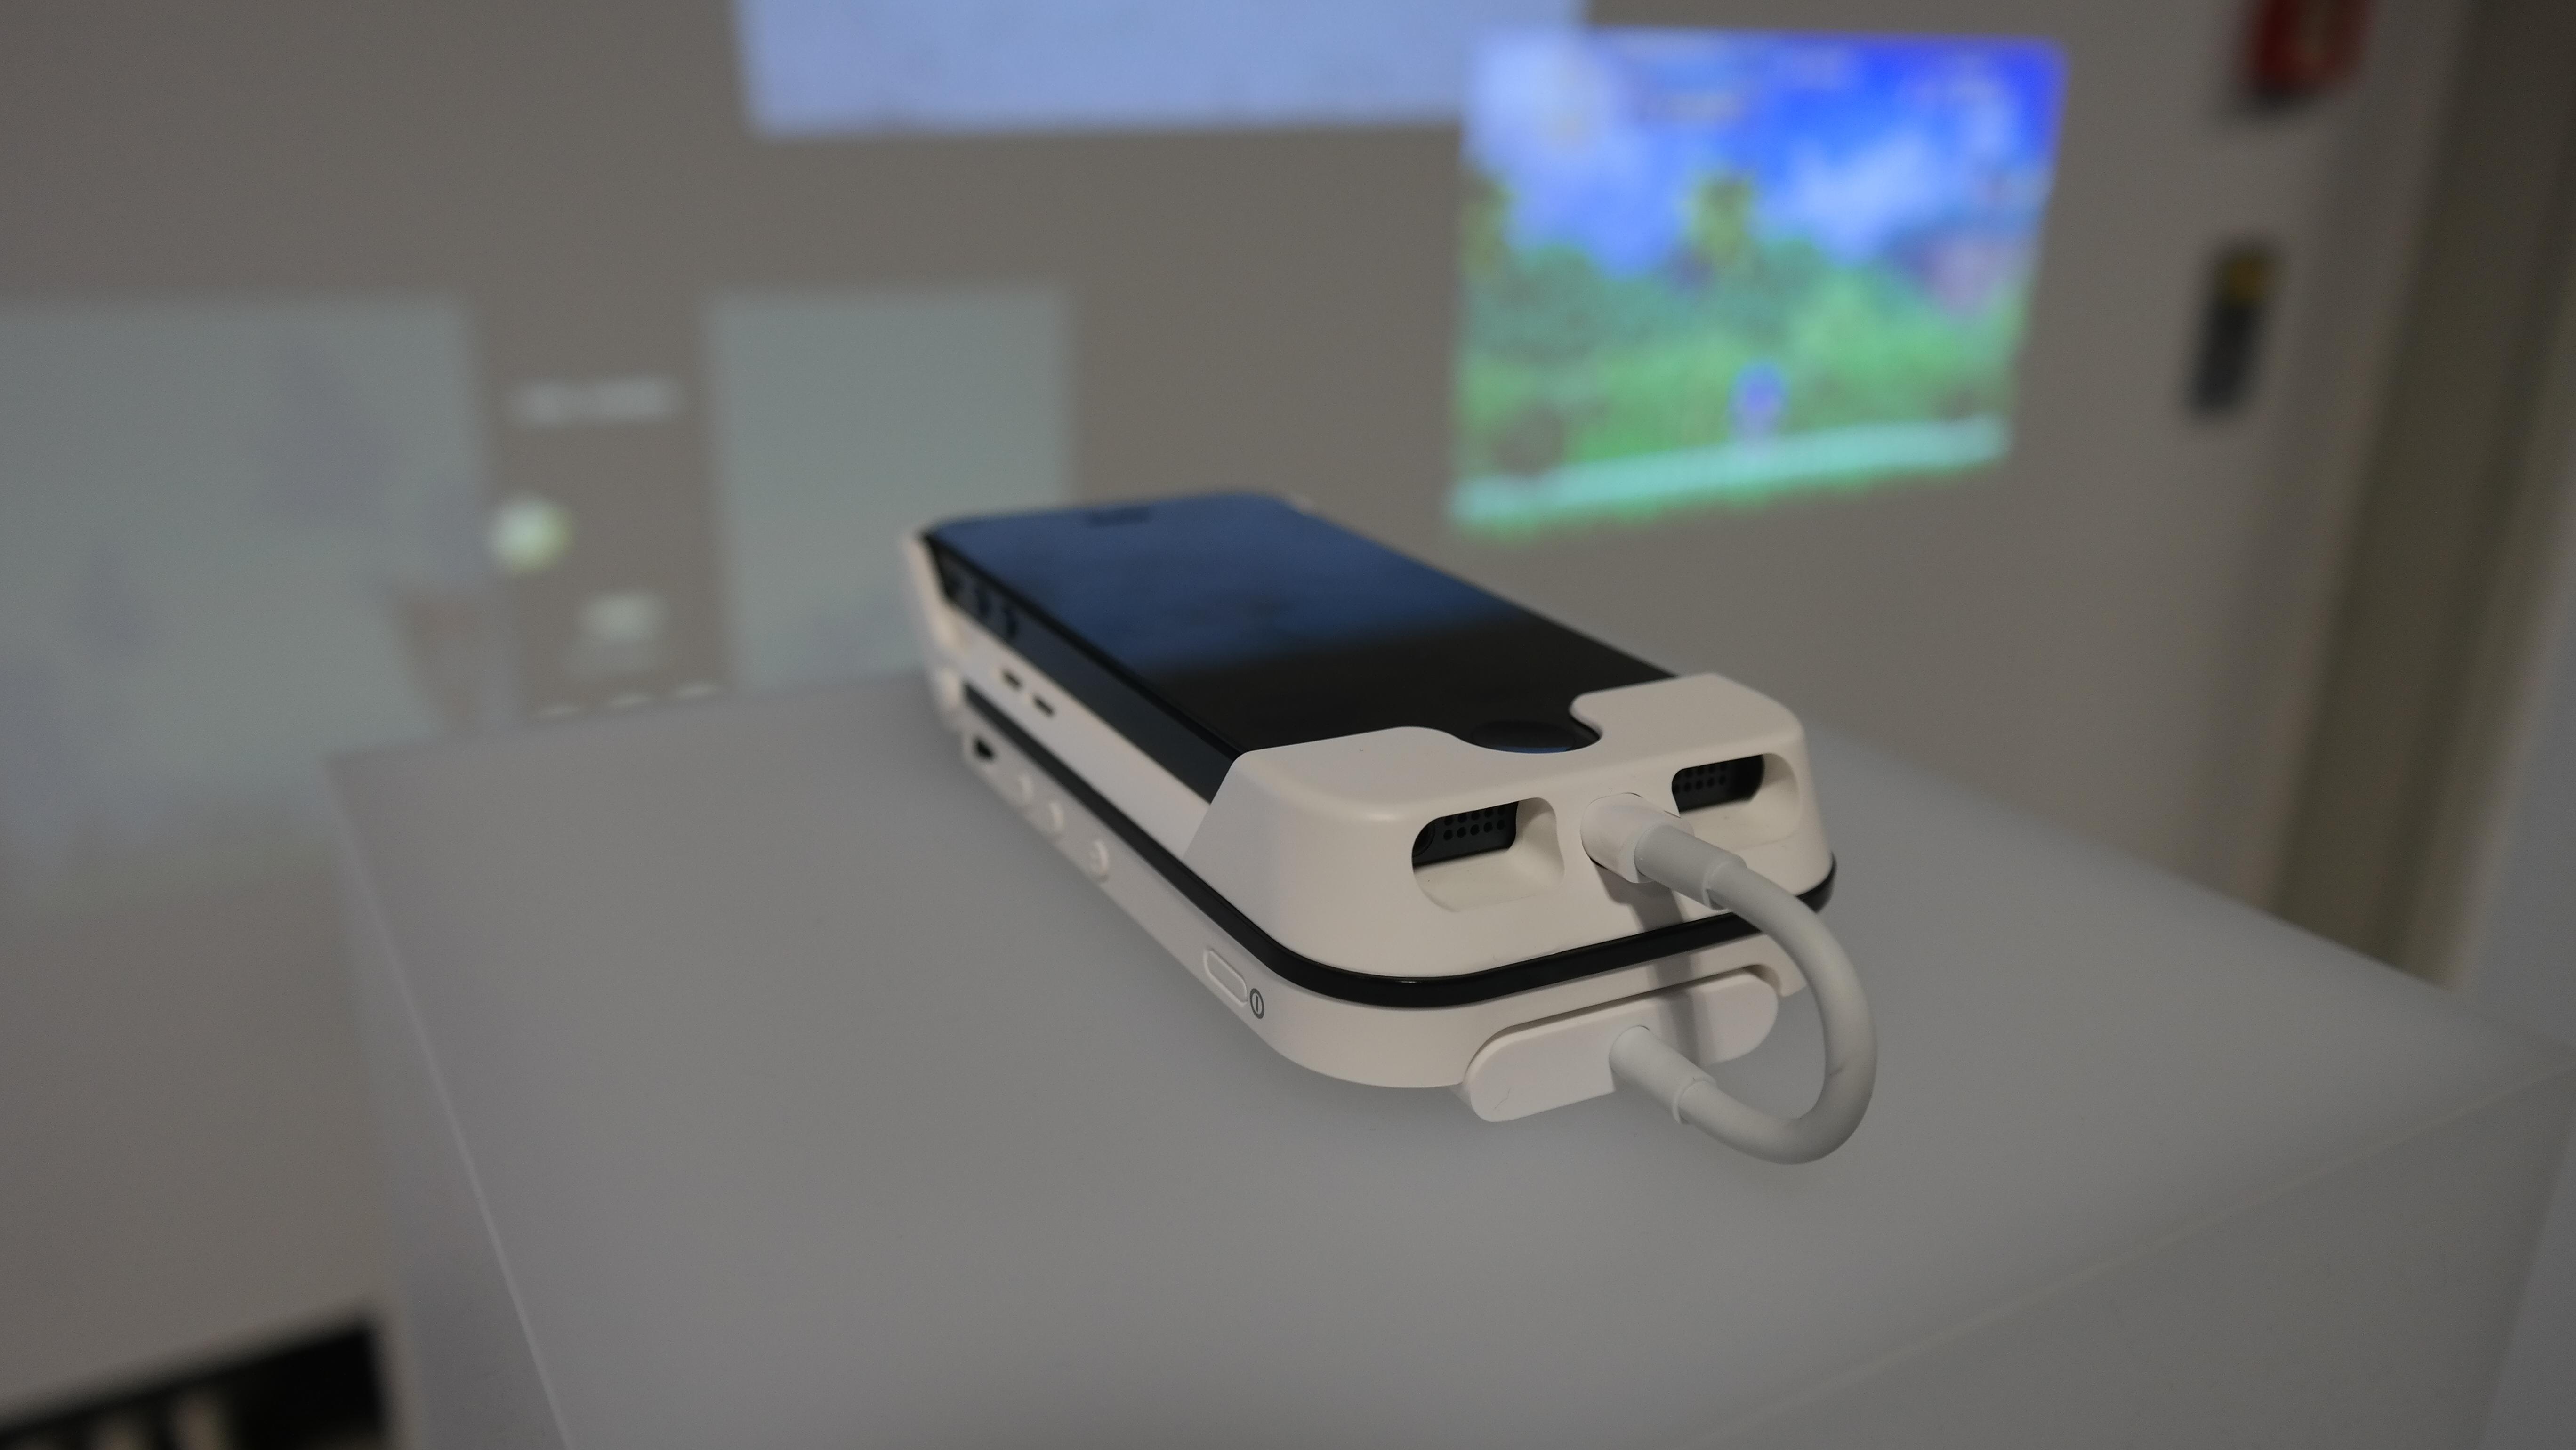 Aiptek présente sa coque vidéoprojecteur pour iPhone 5